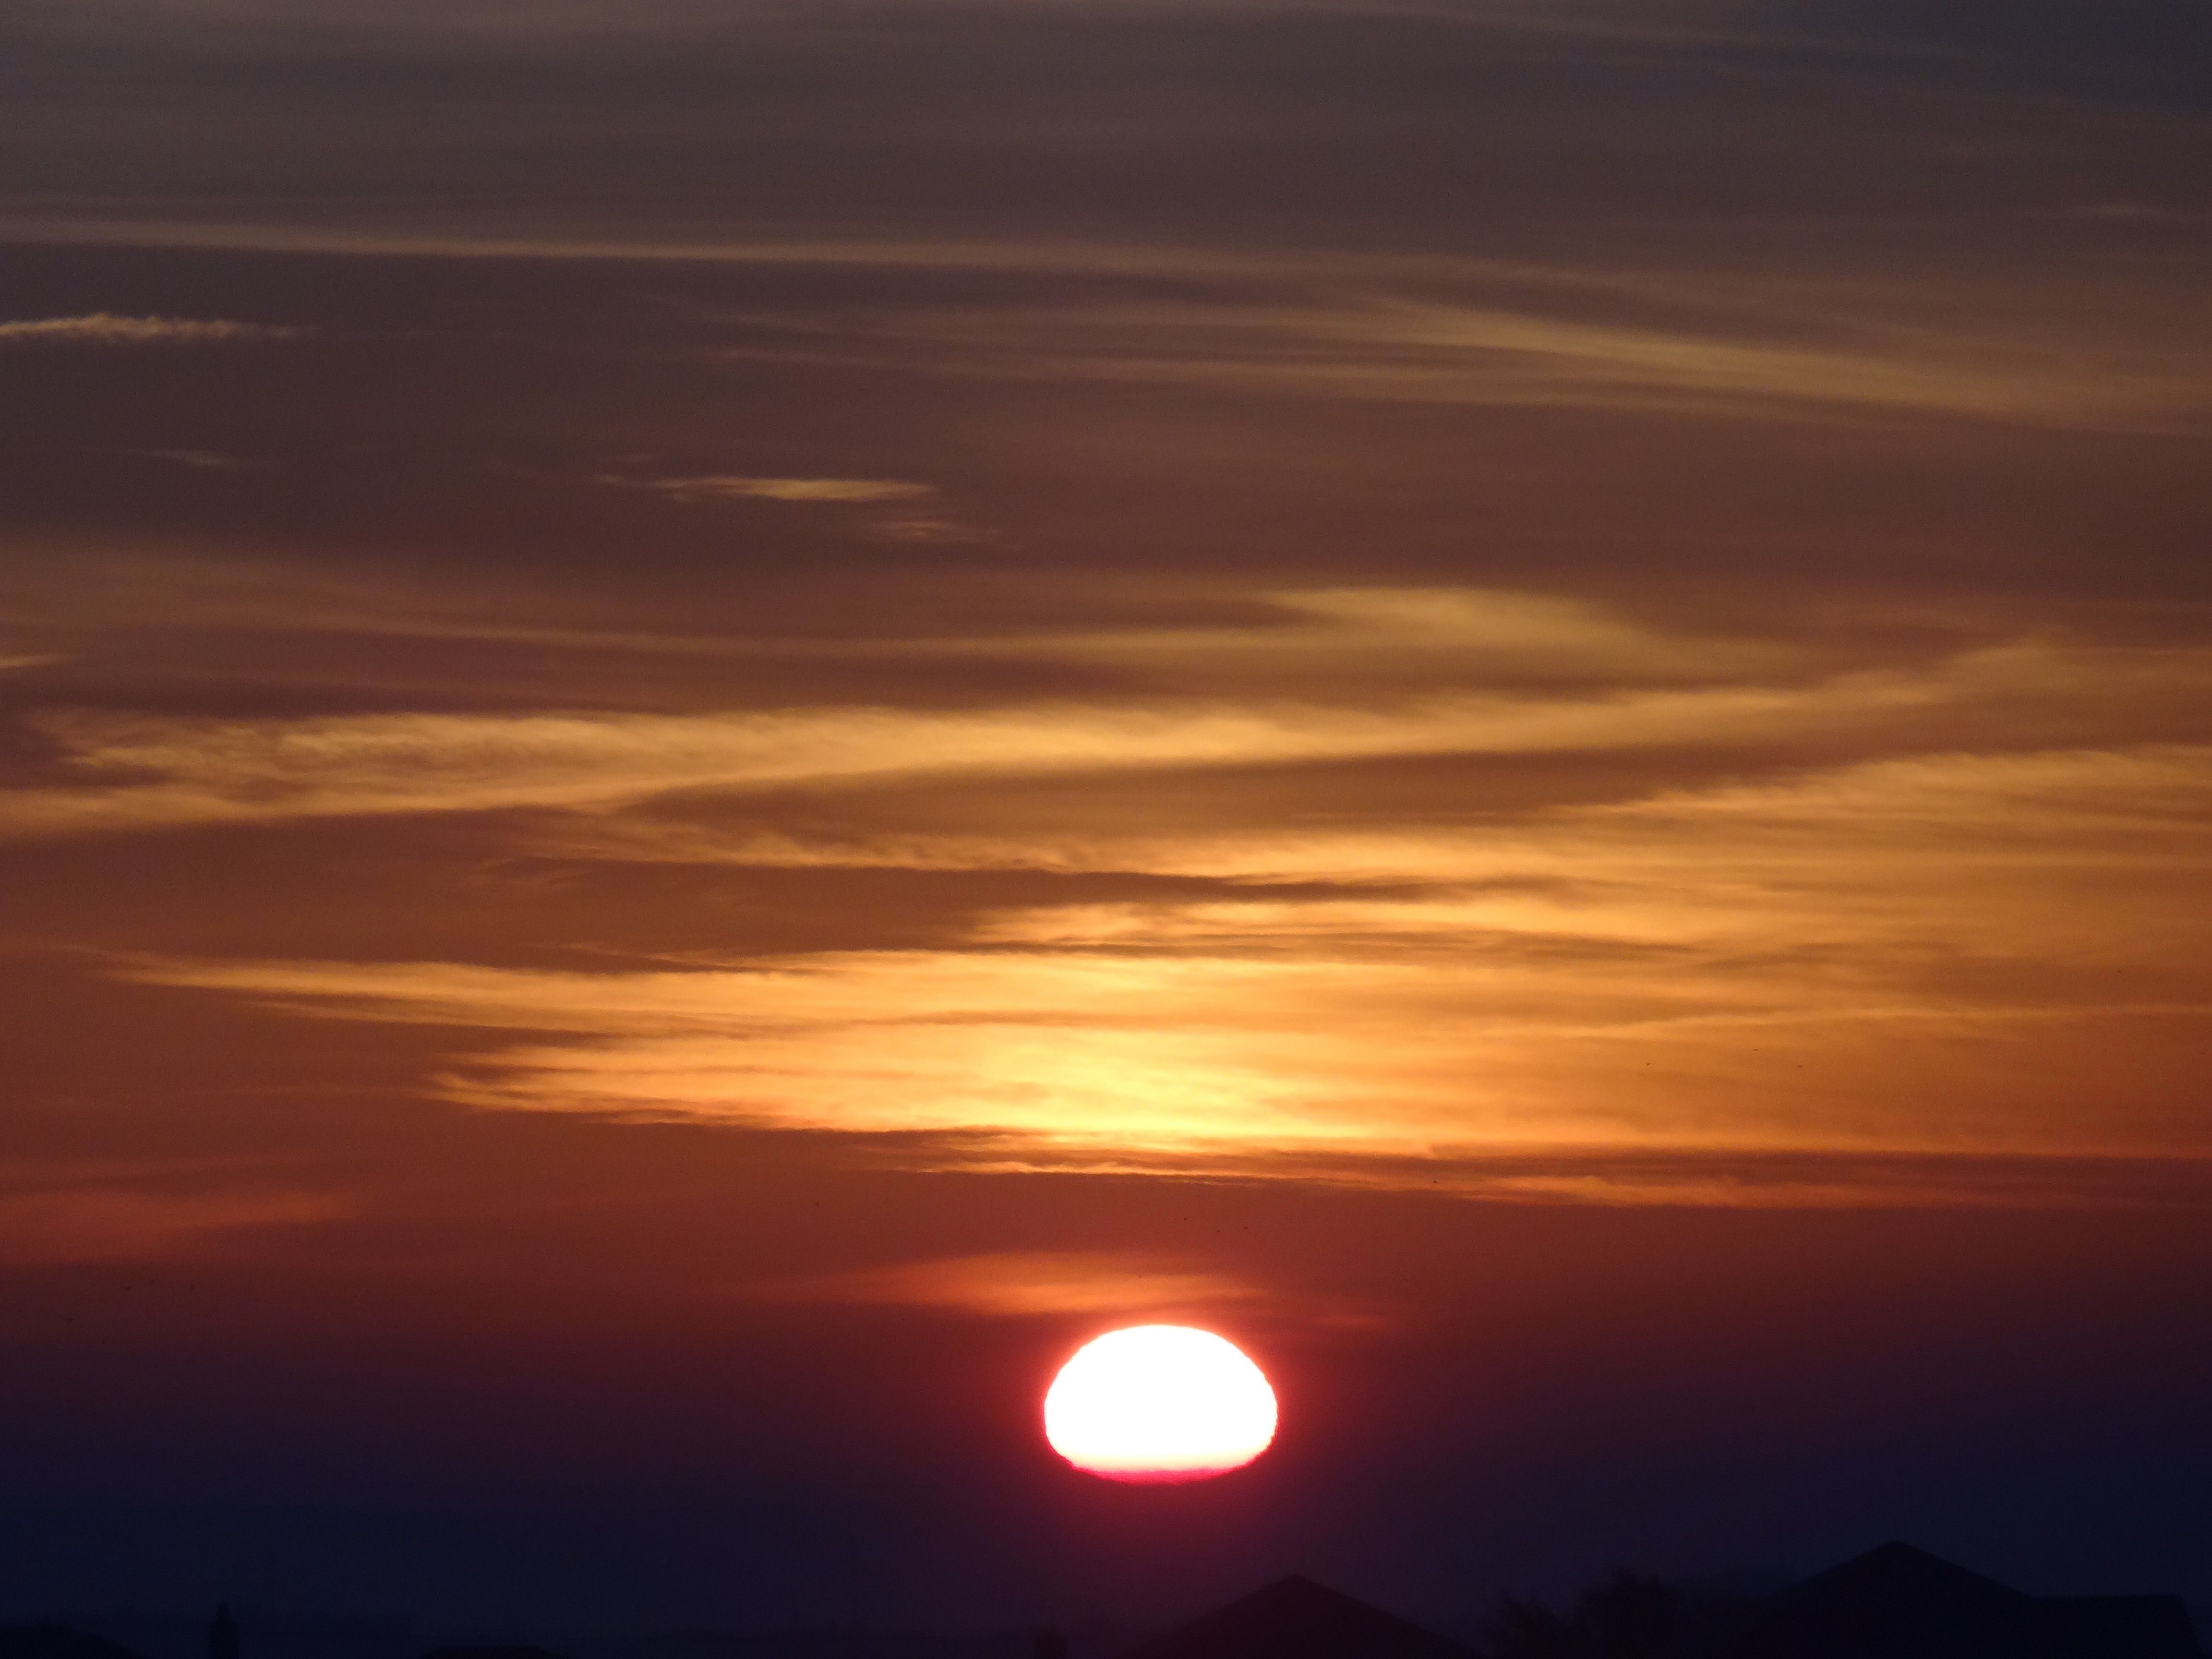 4608x3456 Hình nền vào buổi sáng trước khi mặt trời mọc